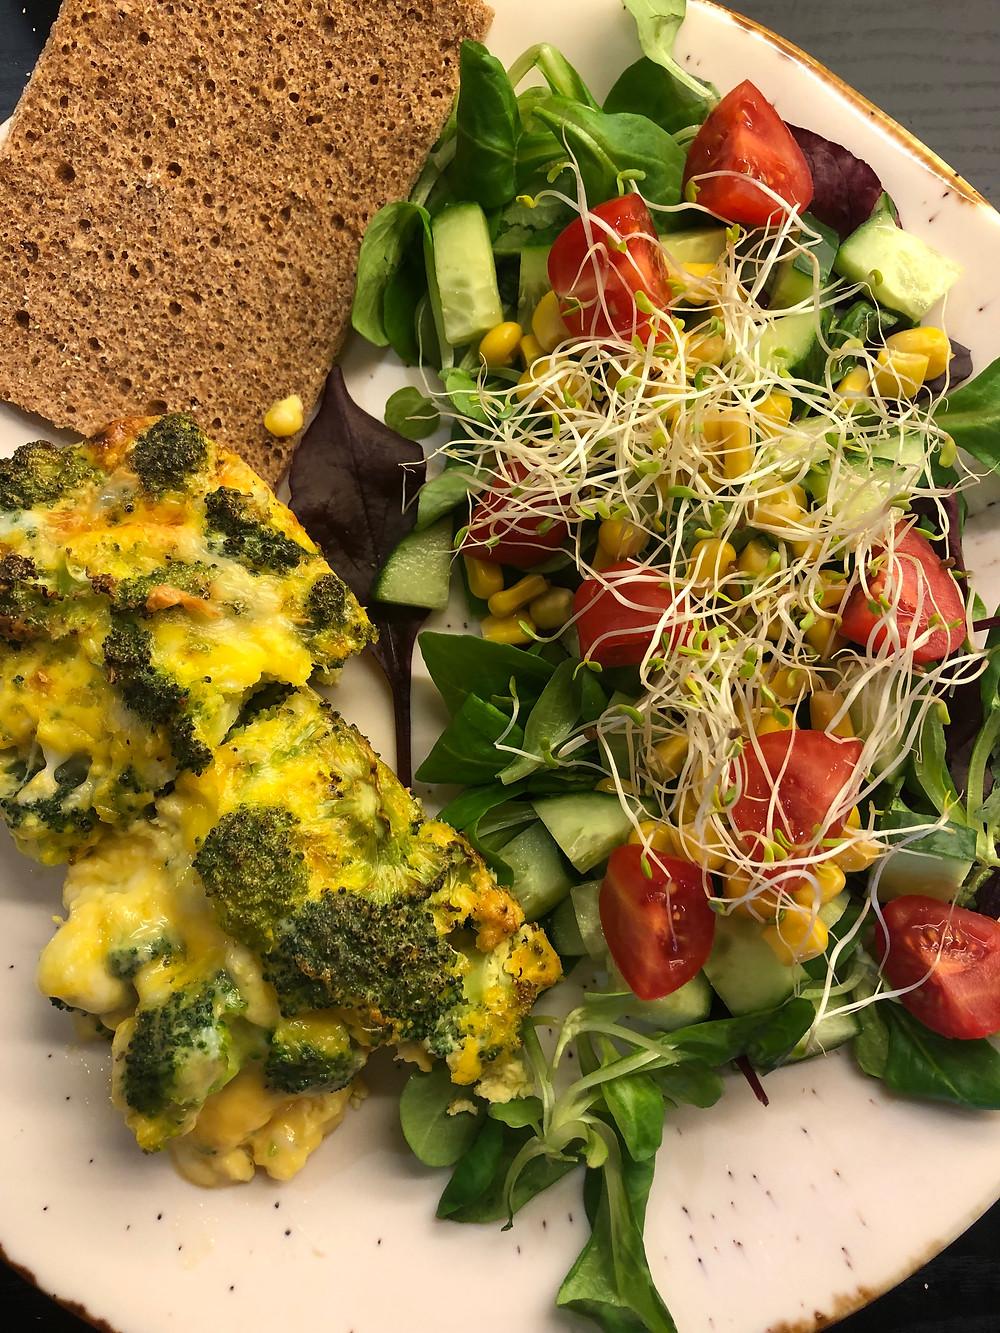 Omelett i form med ost, egg, brokkoli, salt og pepper. Servert med rugsprø knekkebrød og enkel salat